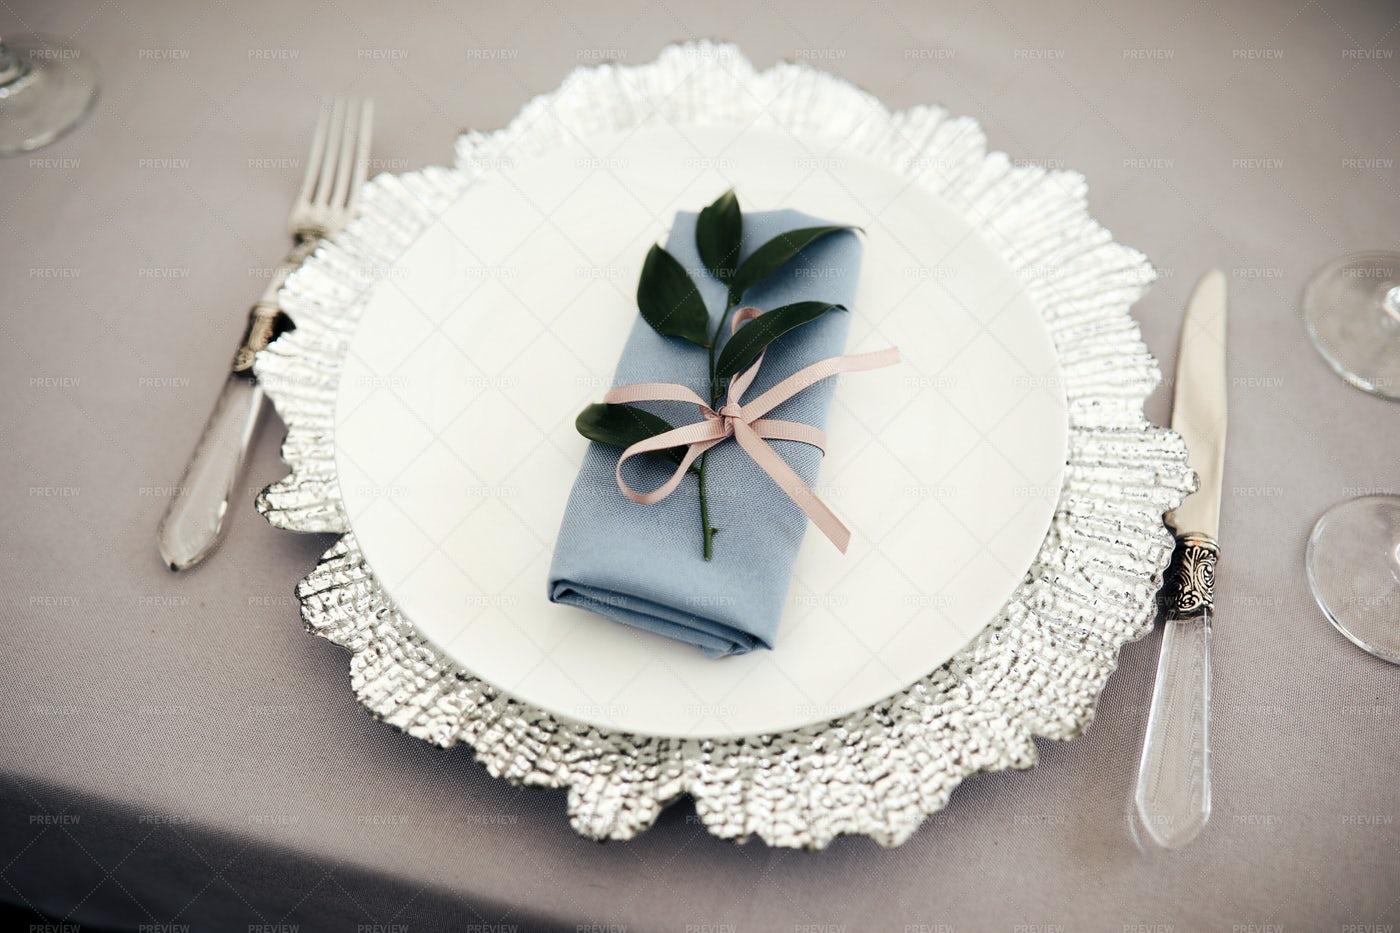 Napkin On A White Plate: Stock Photos